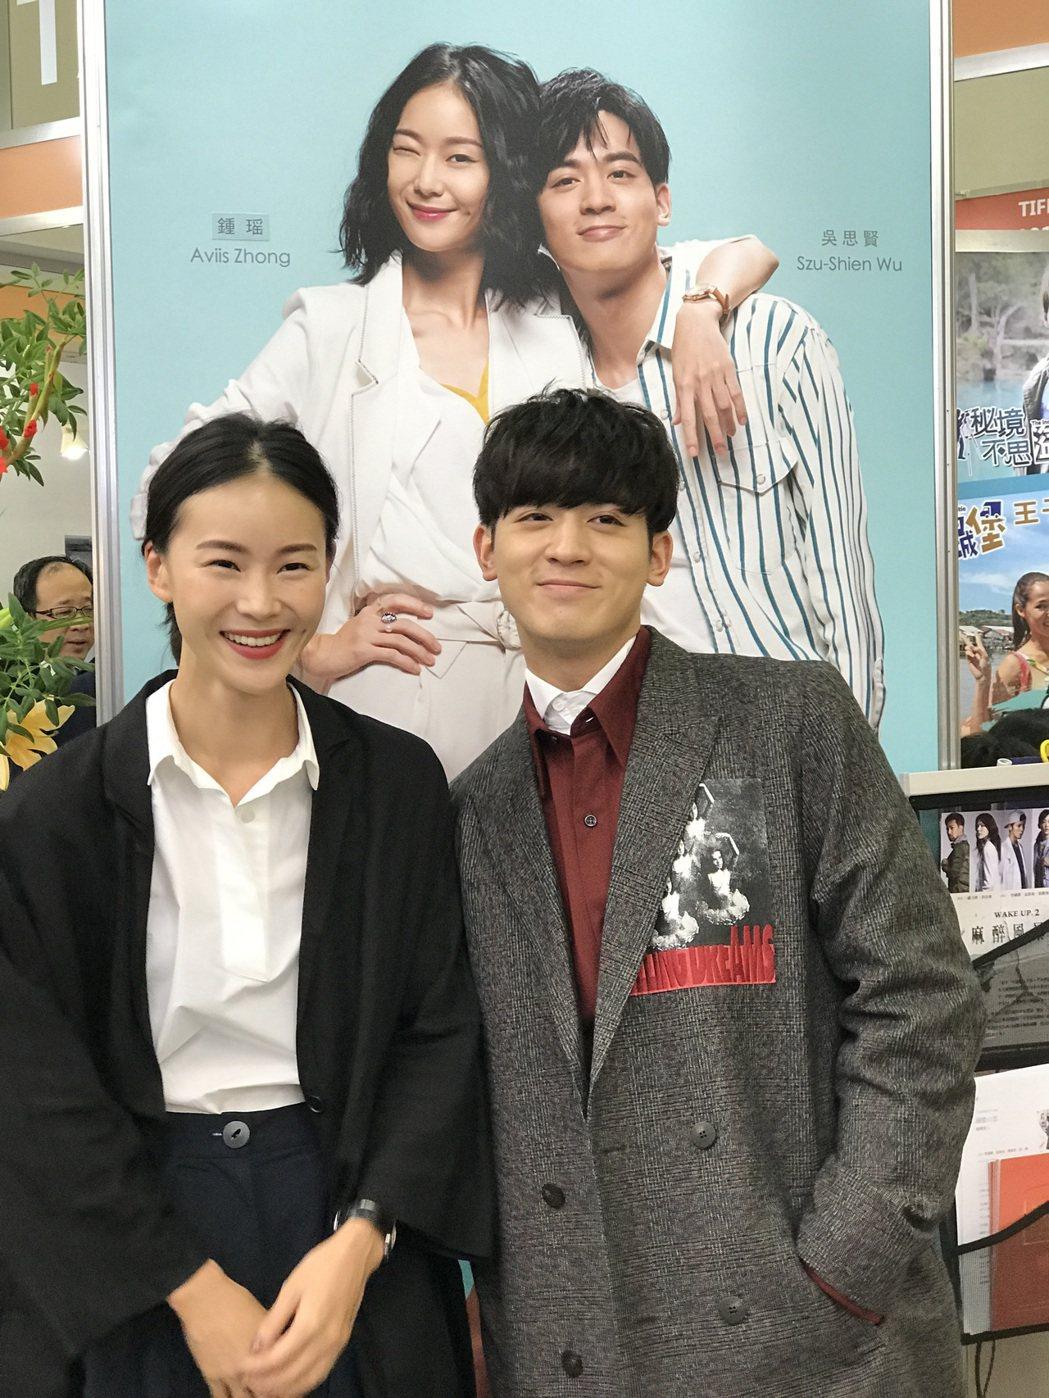 鍾瑤(左)和吳思賢出席東京電視節,擔任台灣館大使。記者楊起鳳/攝影